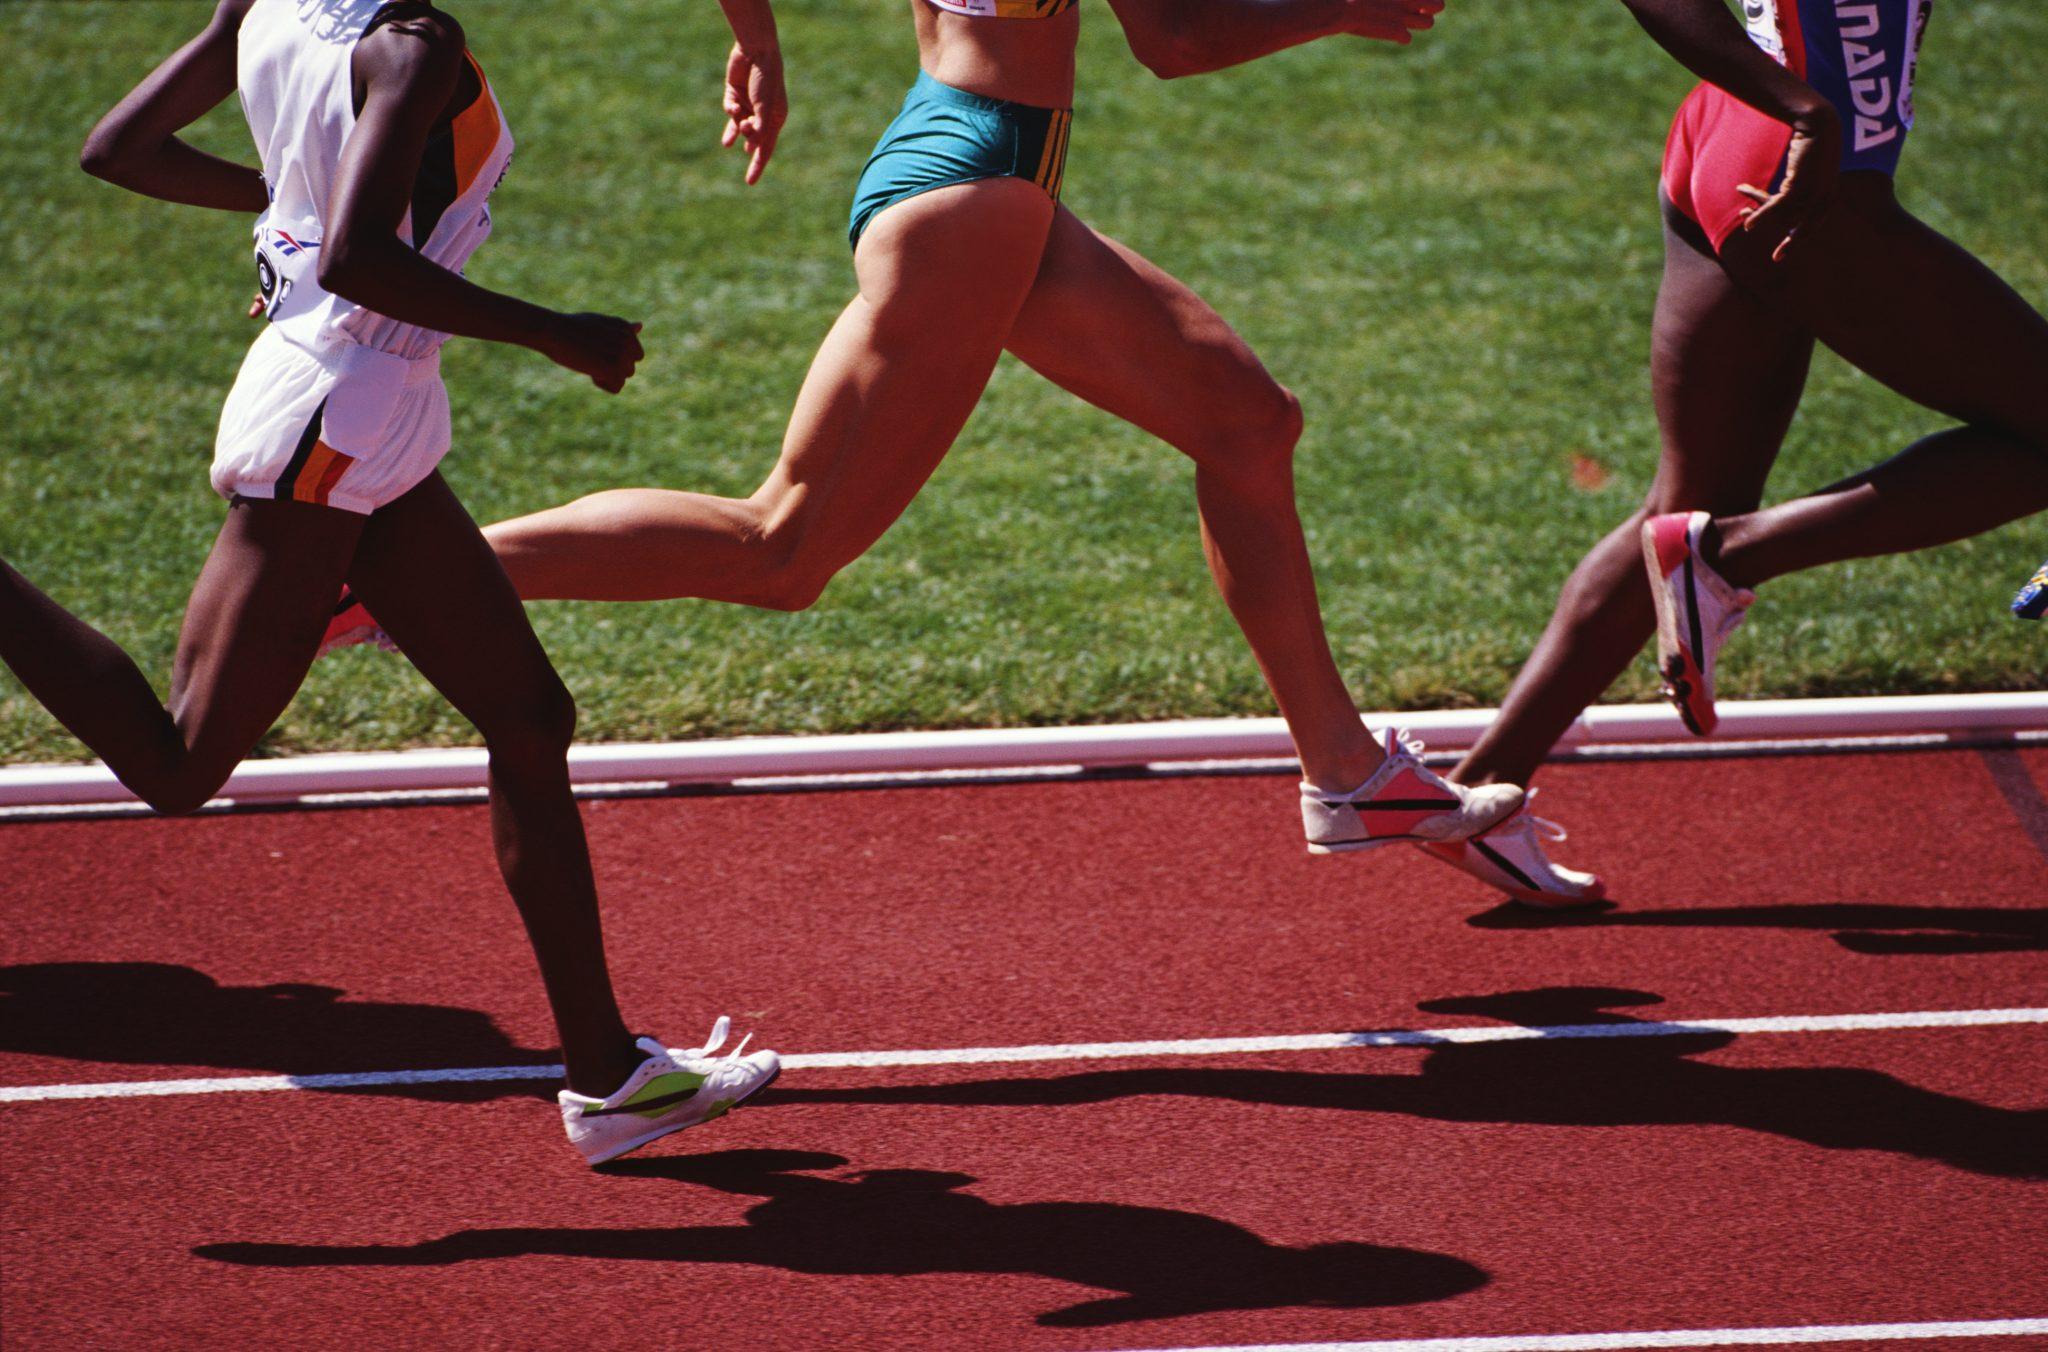 entrenamiento a ritmo controlado